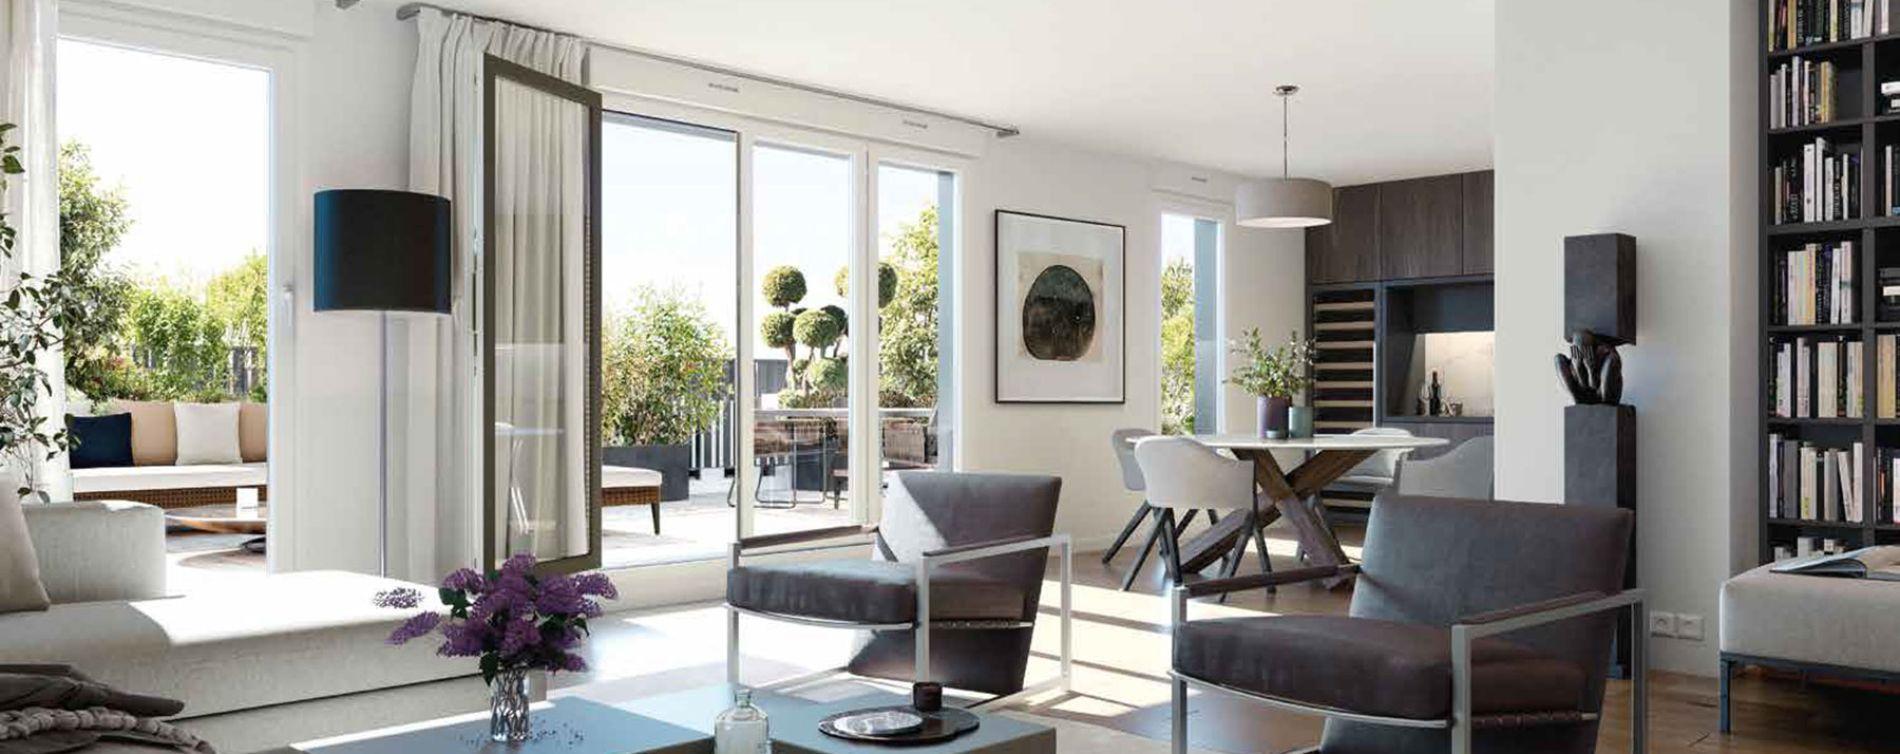 Boulogne-Billancourt : programme immobilier neuve « 128' Aguesseau » (5)